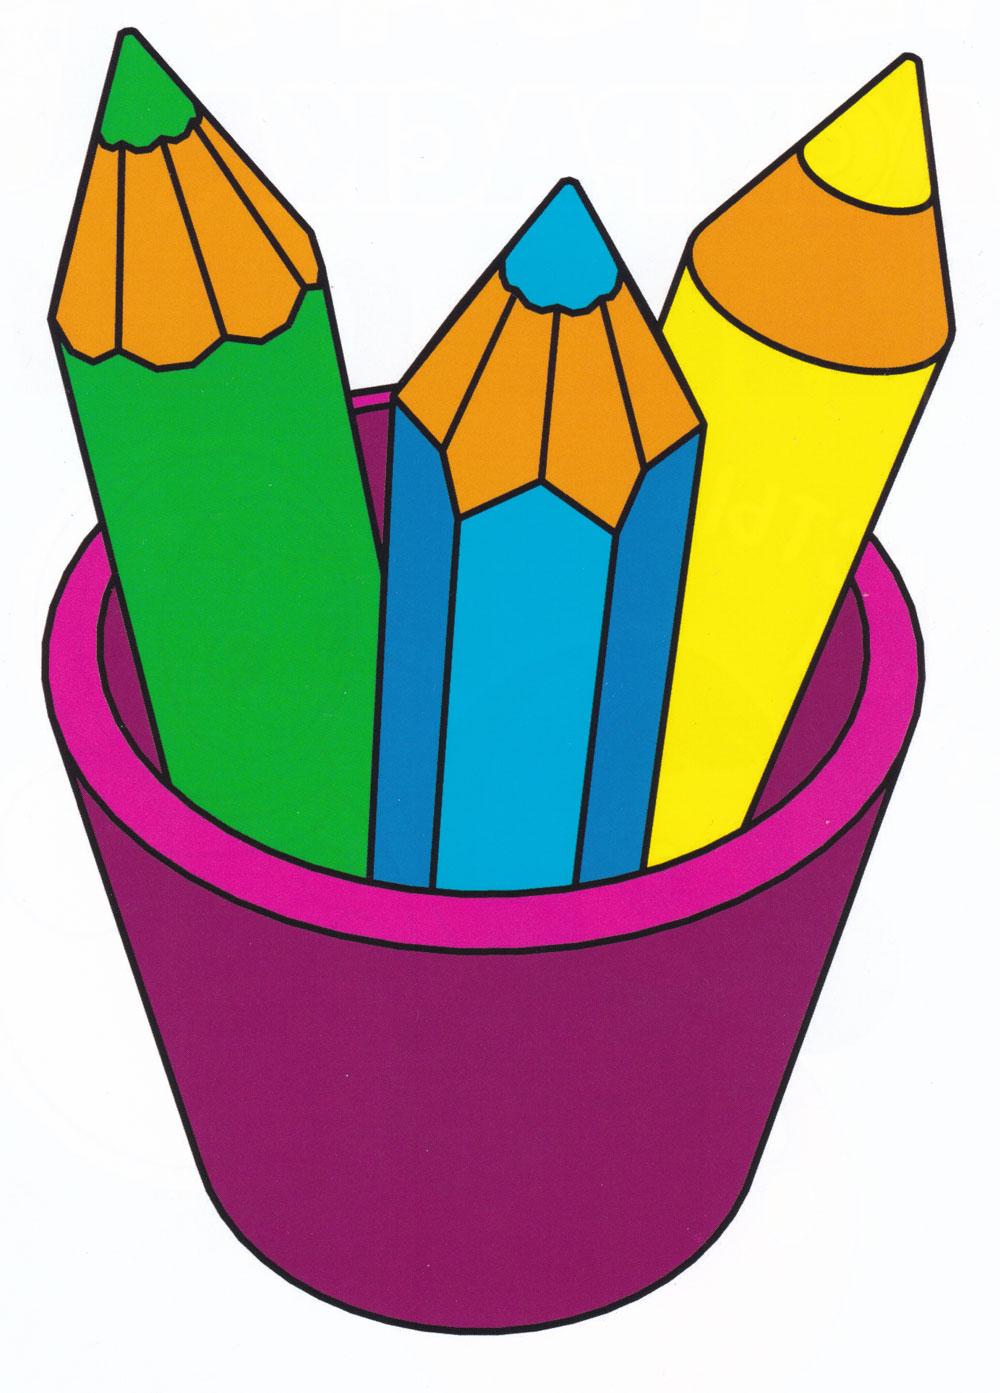 Раскраска Цветные карандаши - распечатать бесплатно